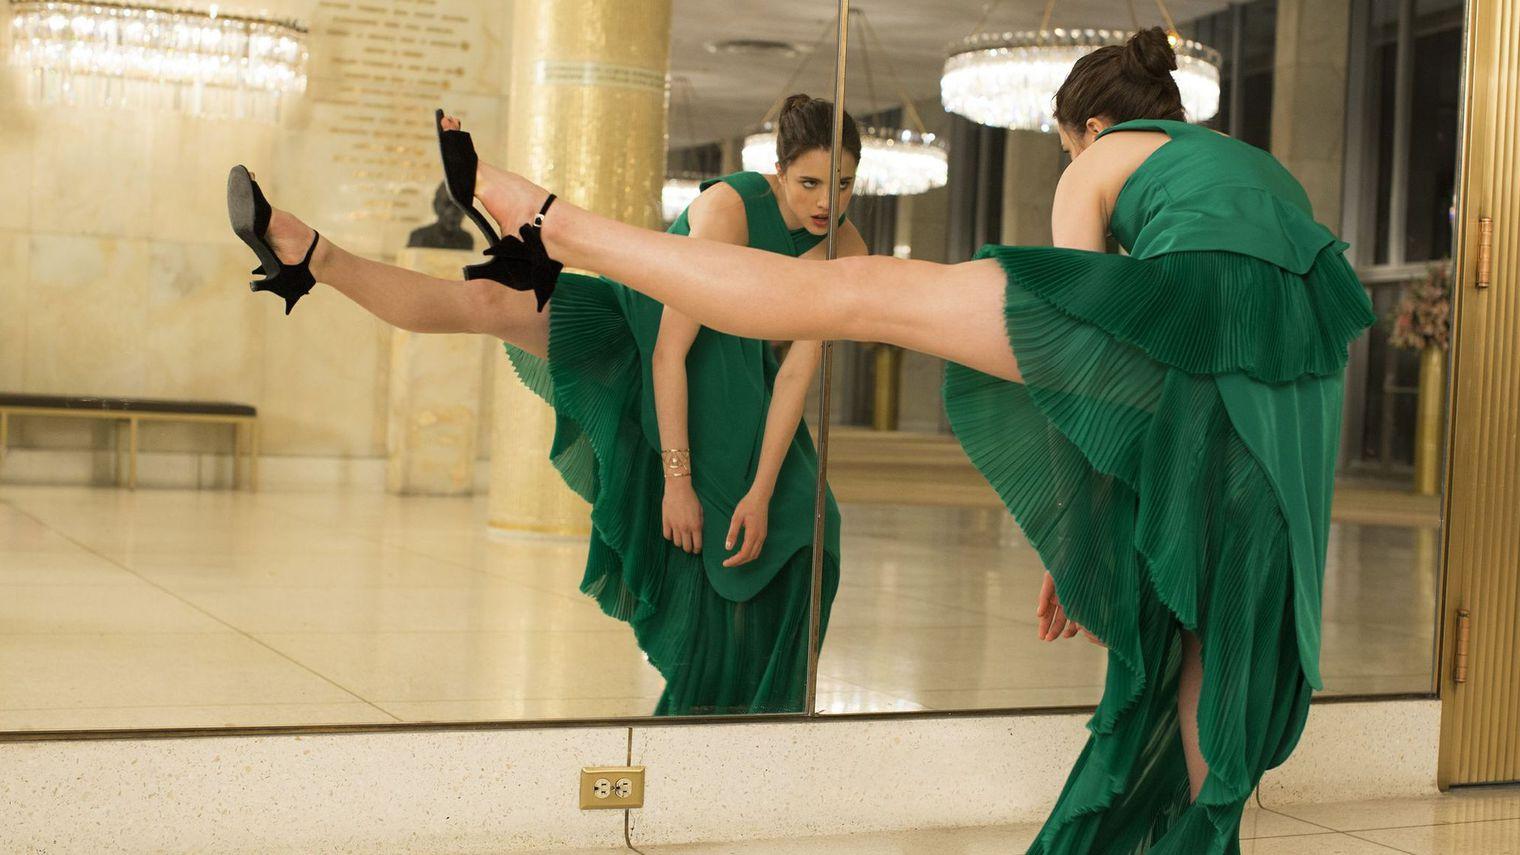 Режиссер Спайк Джонз снял невероятный ролик для нового аромата KENZO (ФОТО+ВИДЕО)